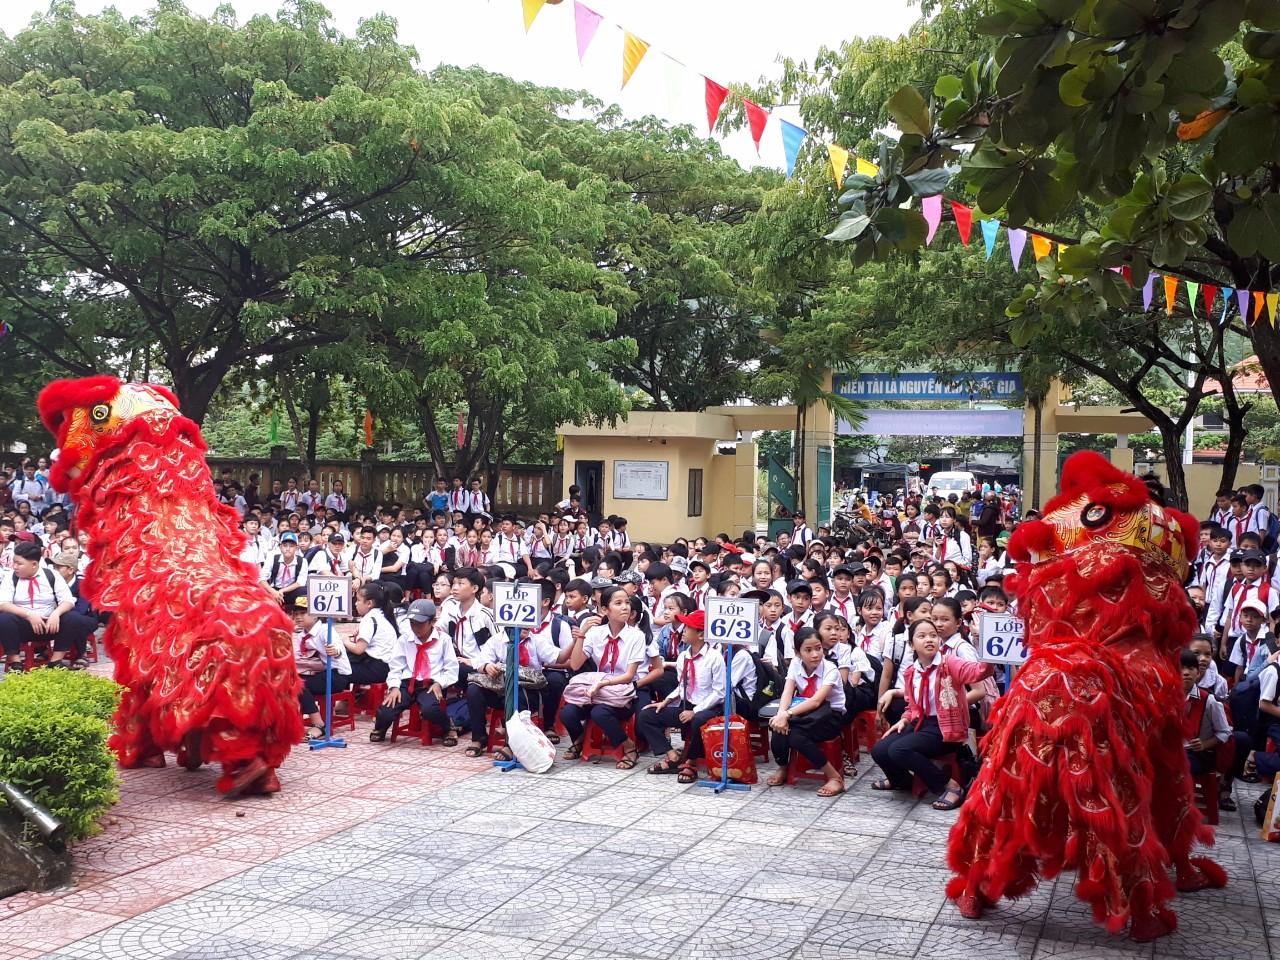 Vui tết trung thu, thắp sáng ước mơ thiếu nhi Việt Nam 2019